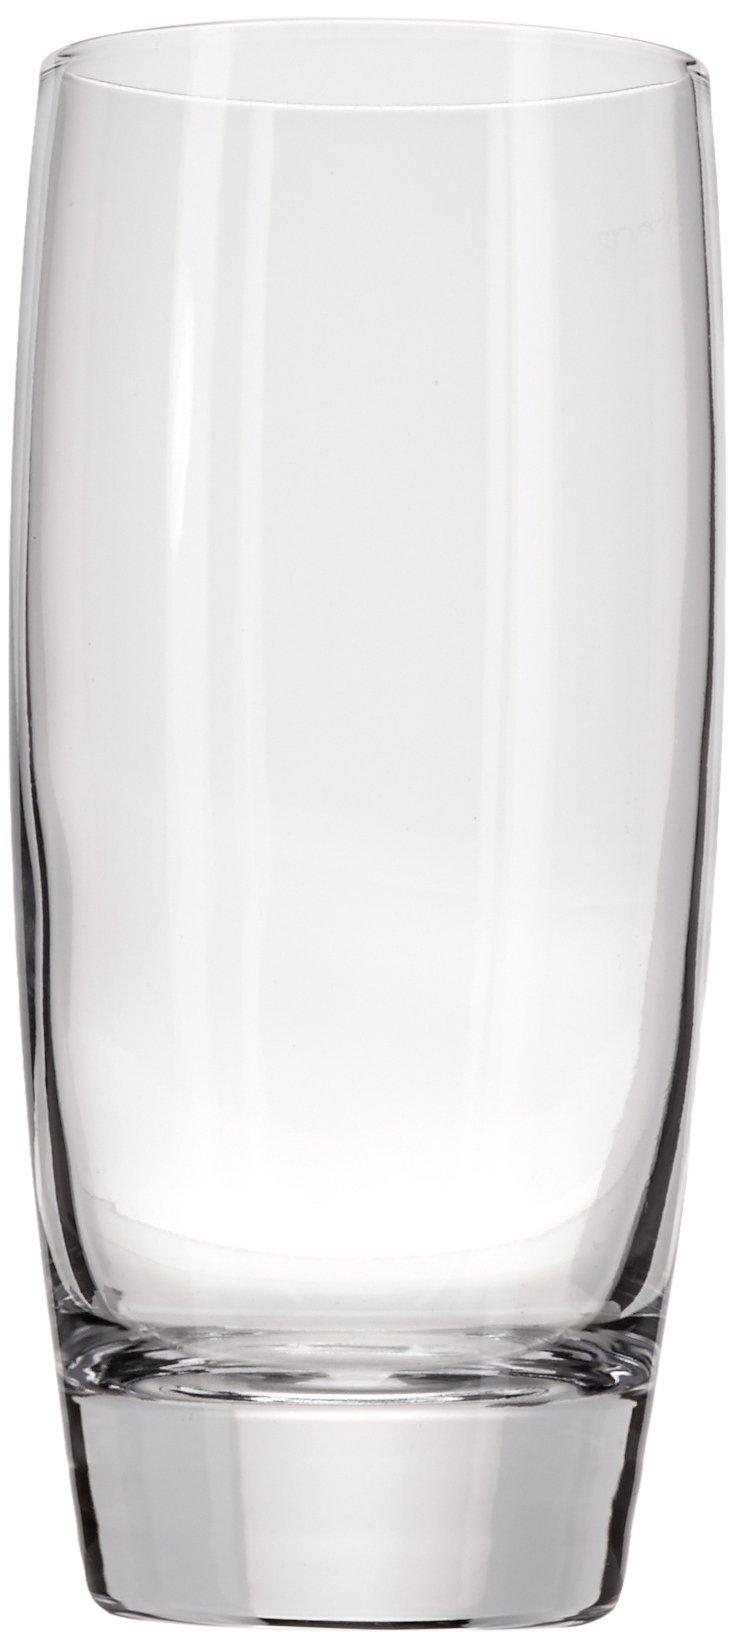 Luigi Bormioli Michelangelo Beverage Transparent